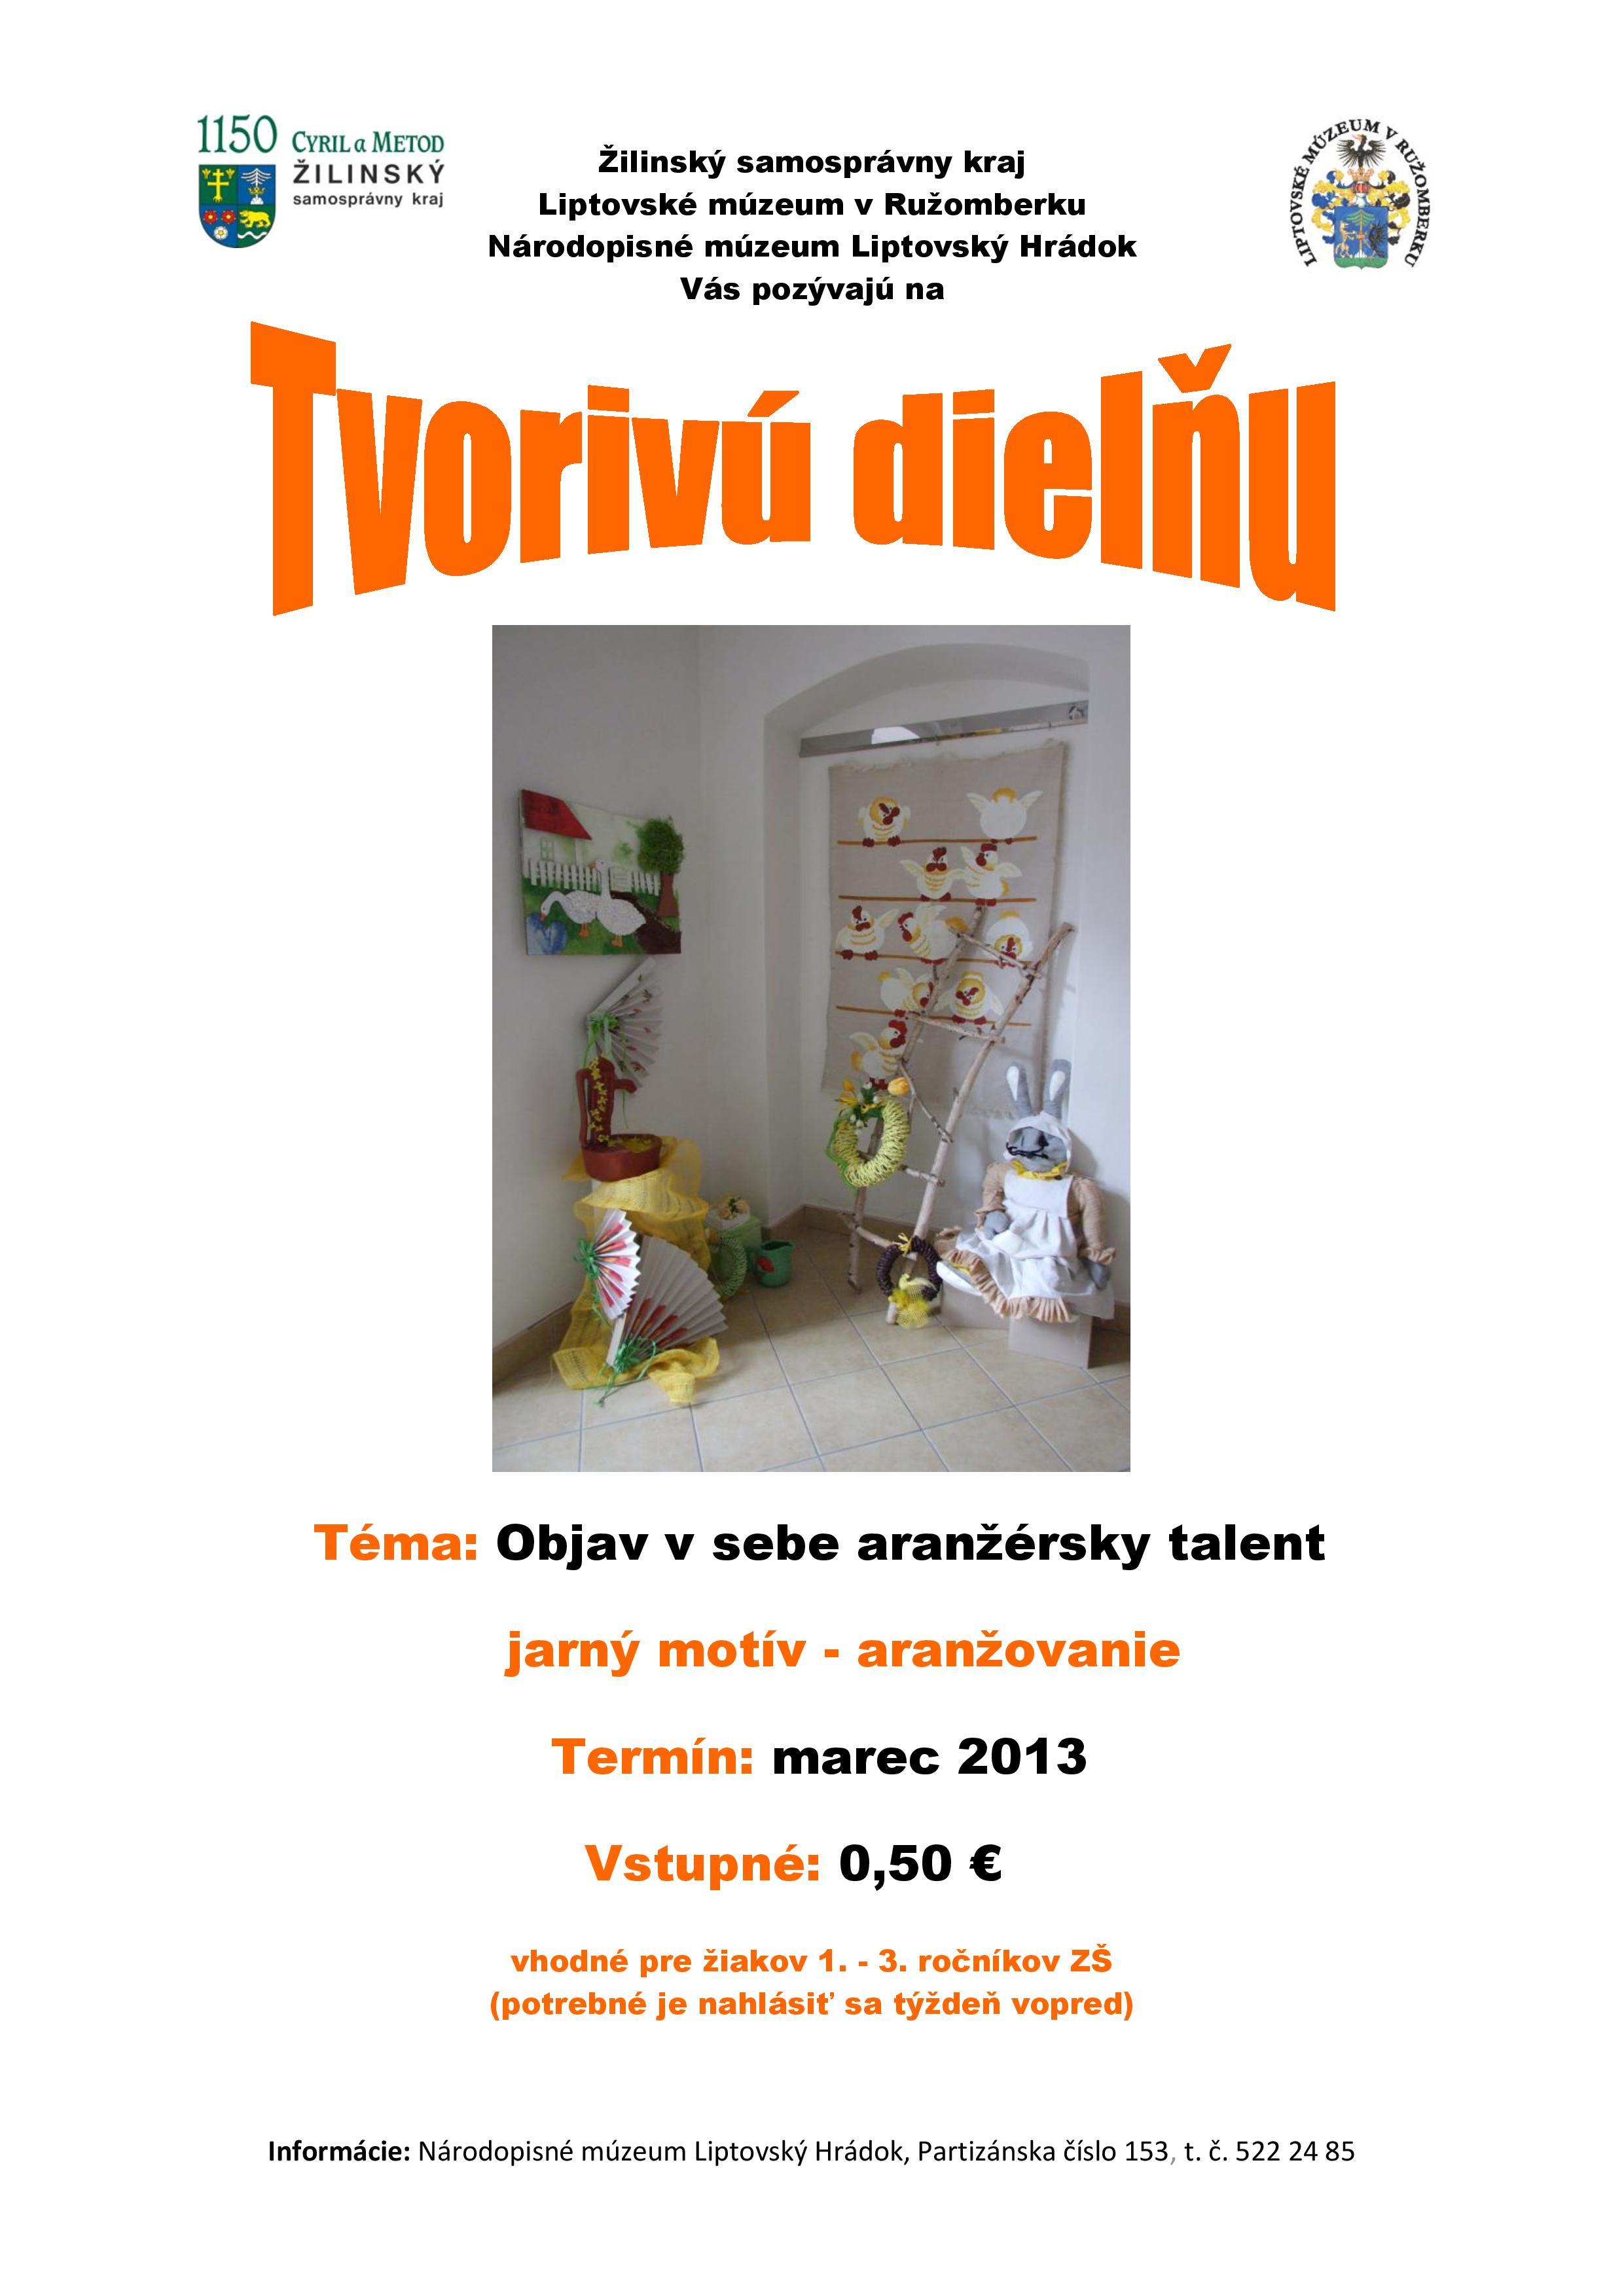 TD - Objav s sebe aranžérsky talent